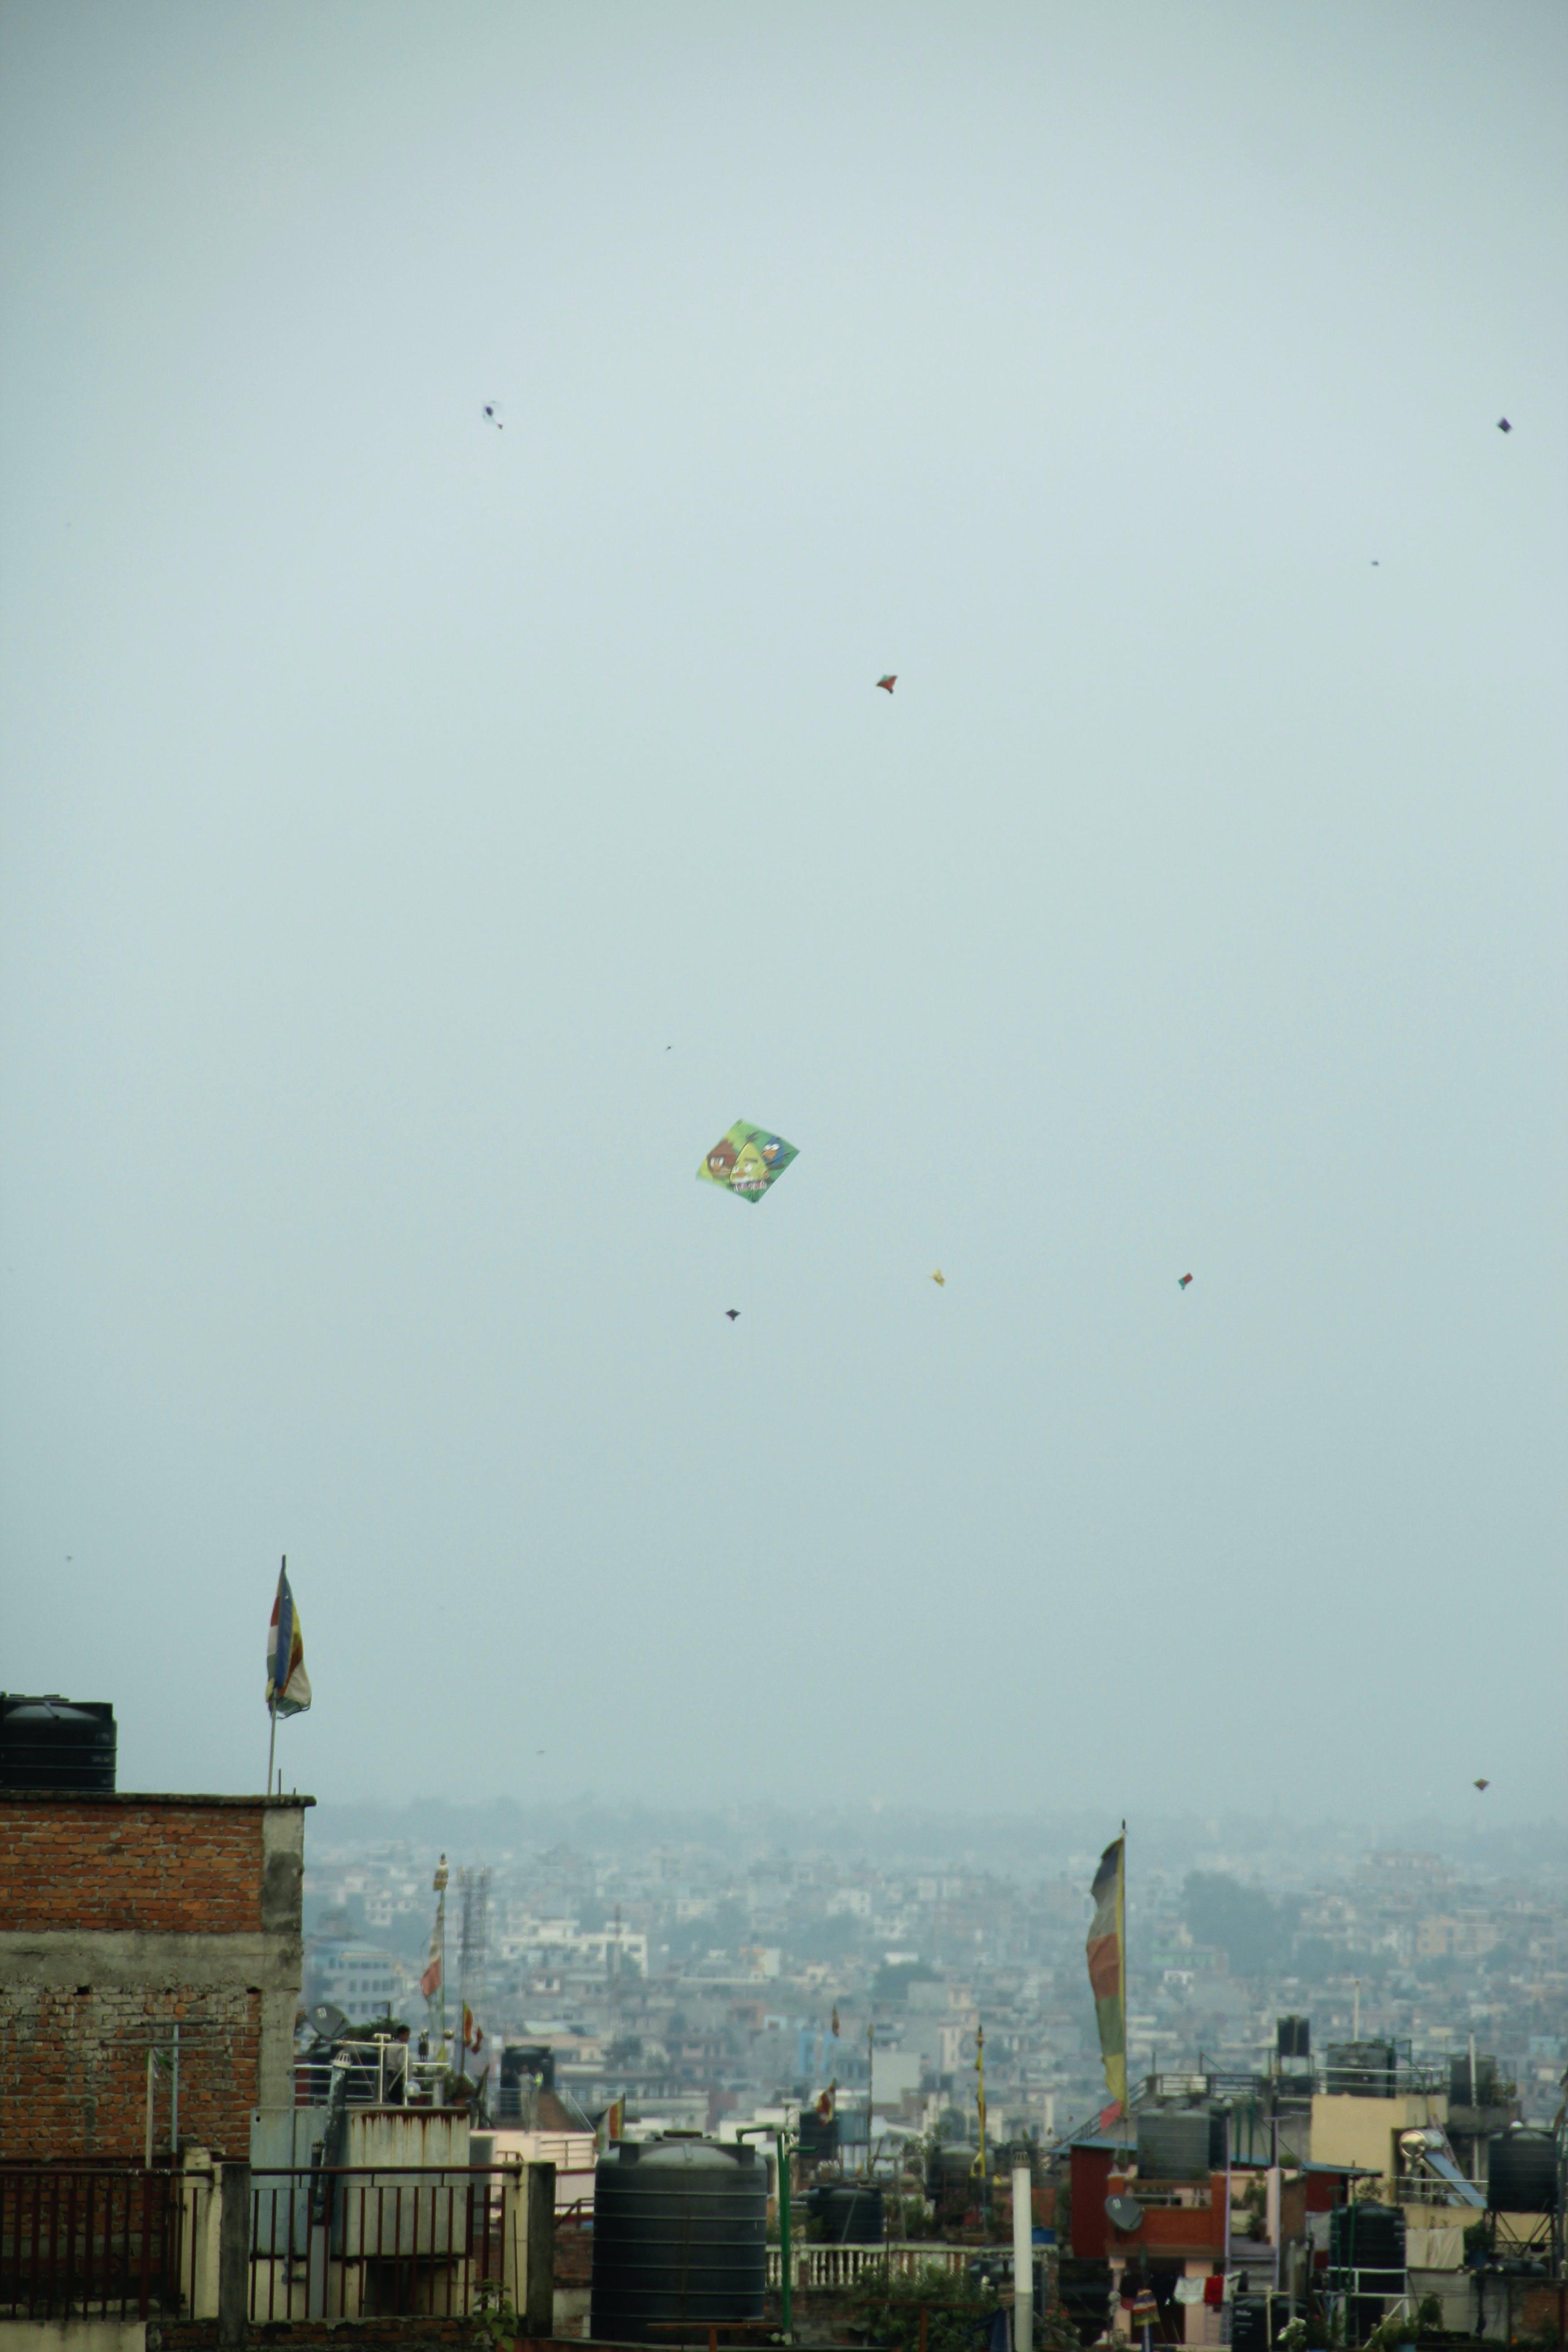 Free stock photo of kite